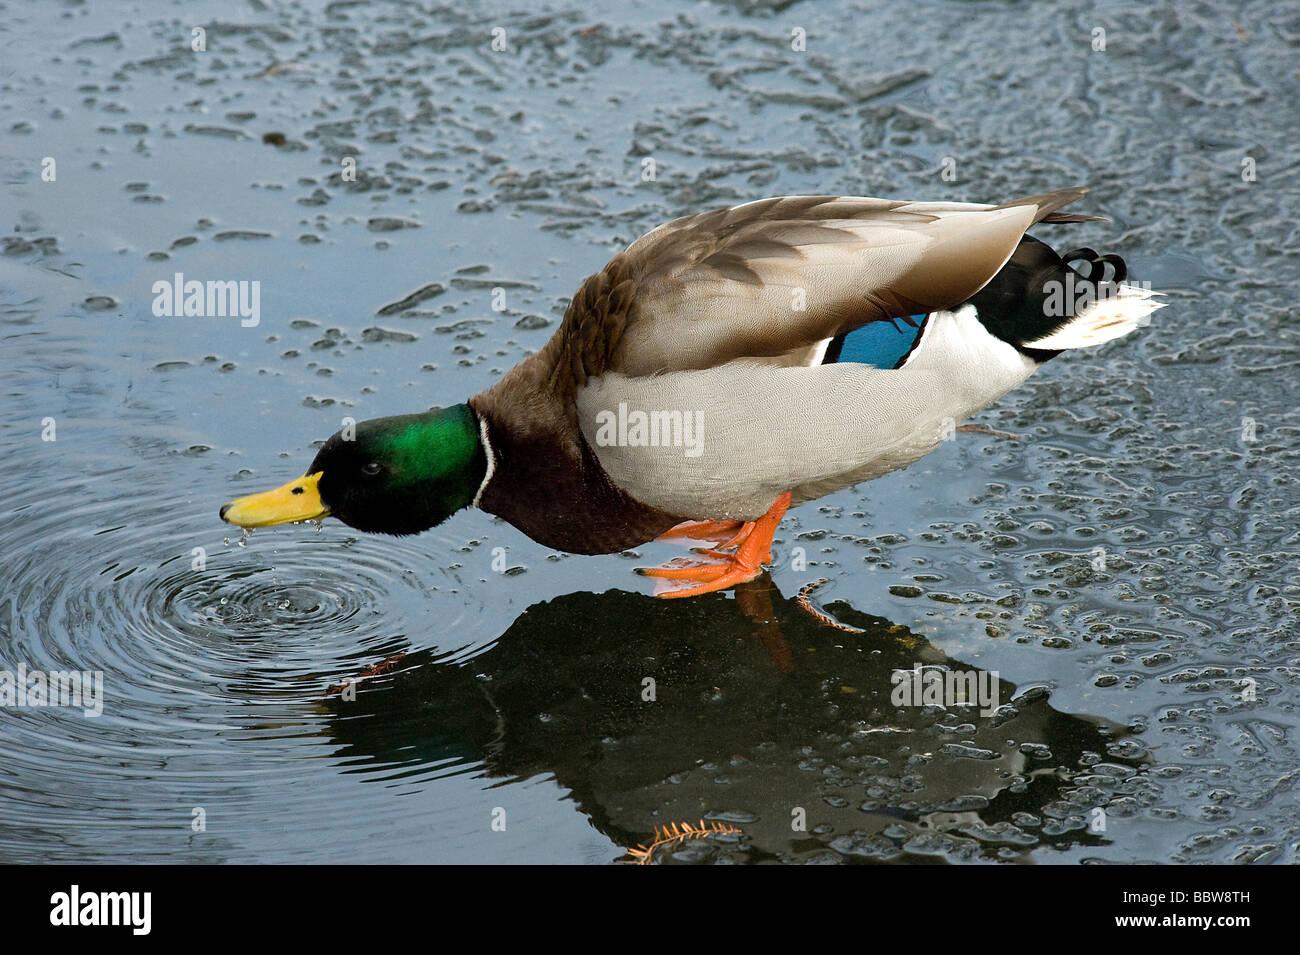 Canard colvert Anas platyrhynchos masculins des boissons de piscine dans la fonte des glaces sur le lac gelé Photo Stock